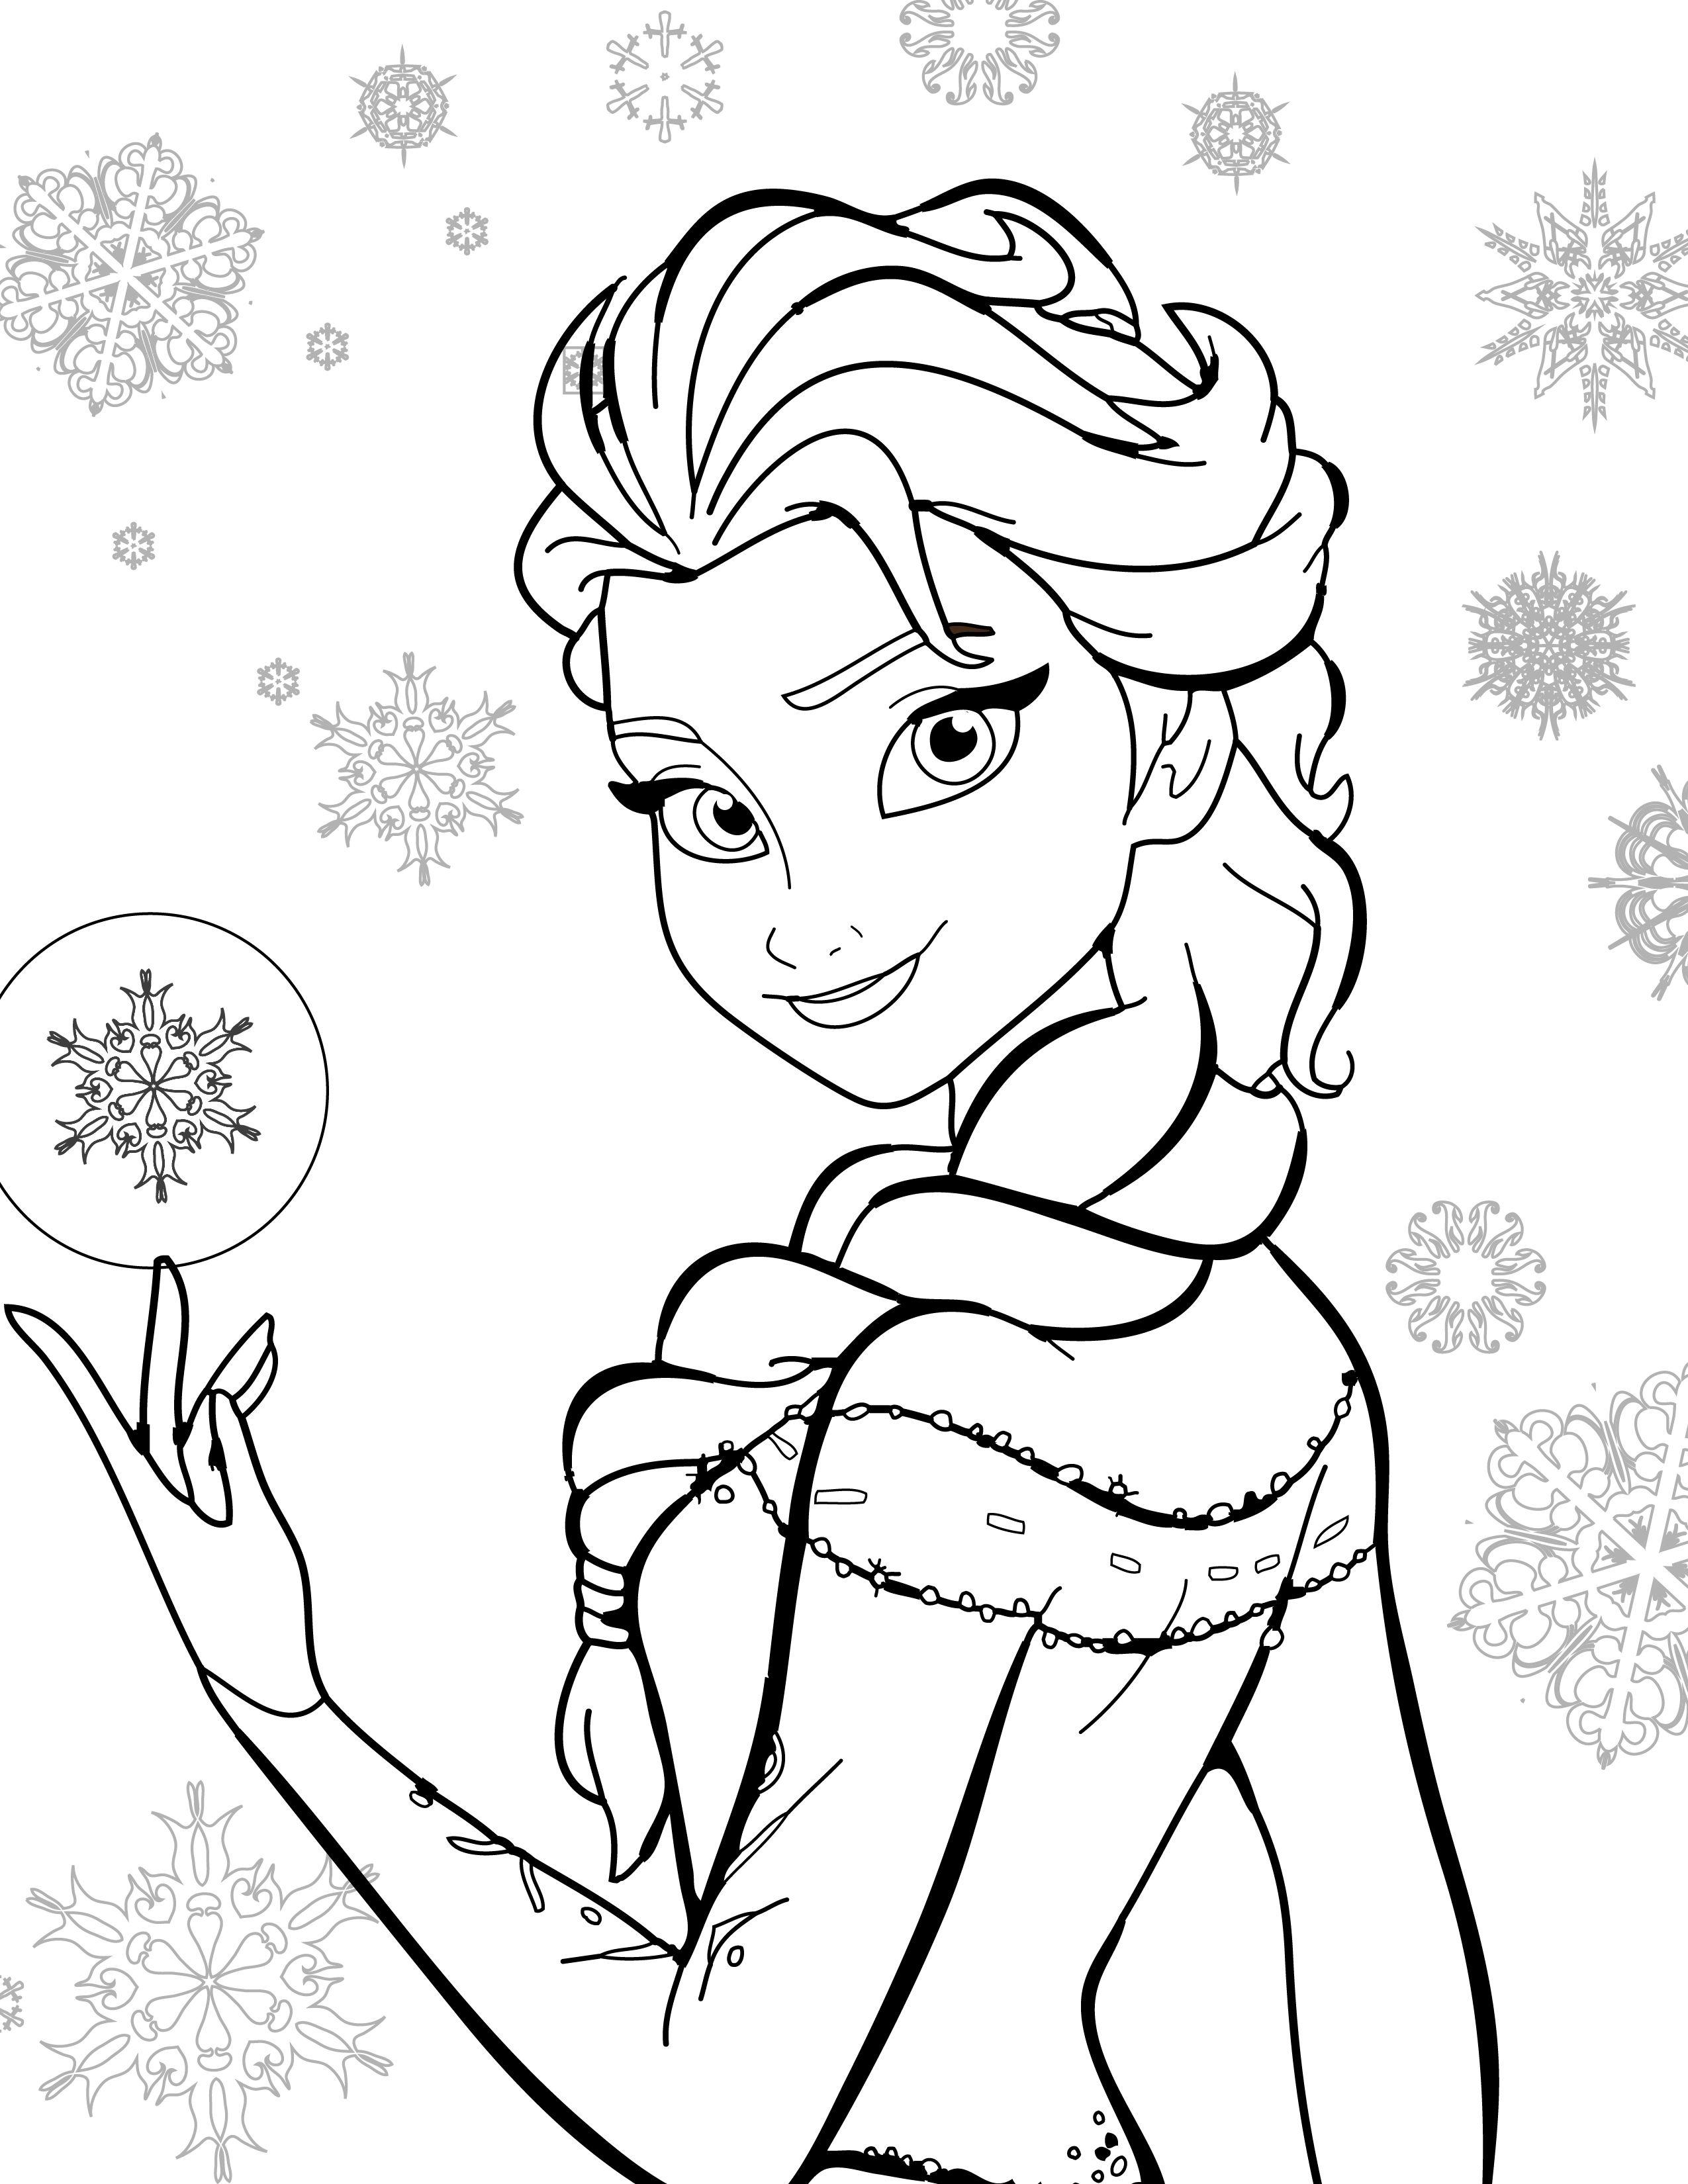 coloriage de disney gratuit, Elsa frozen Coloriage elsa